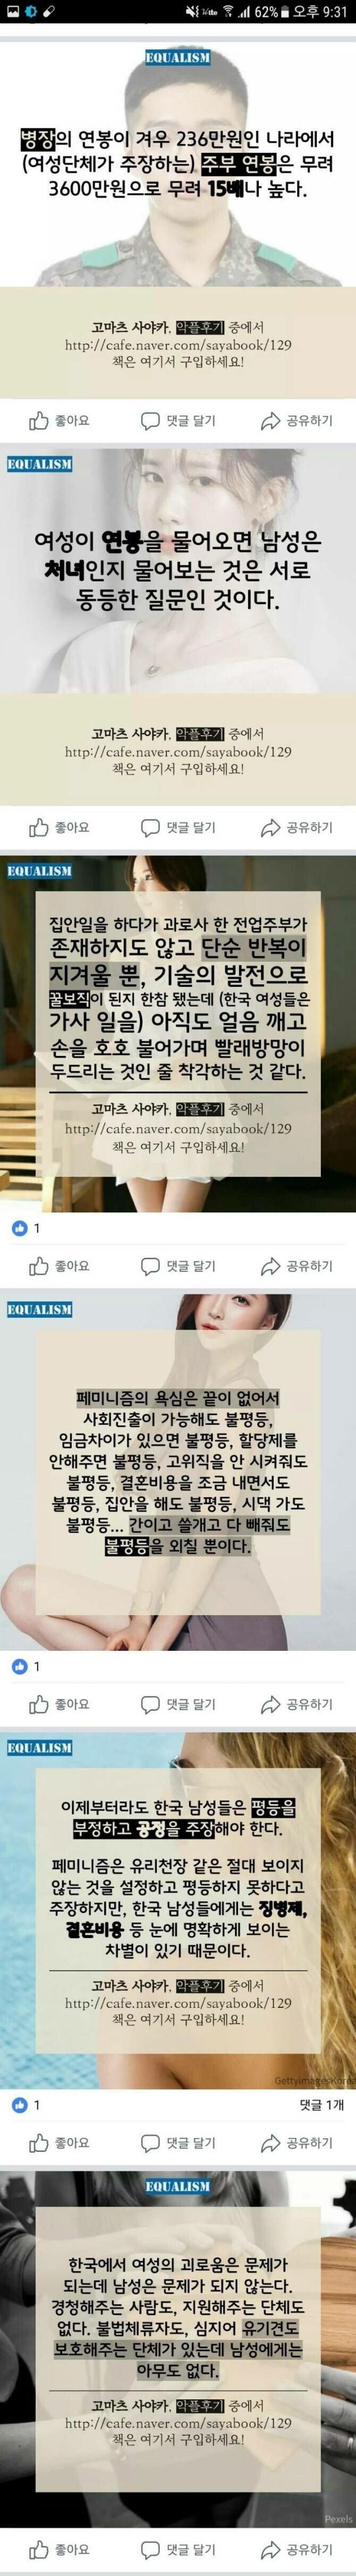 12.jpg 일본여자가 바라본 한국 남자